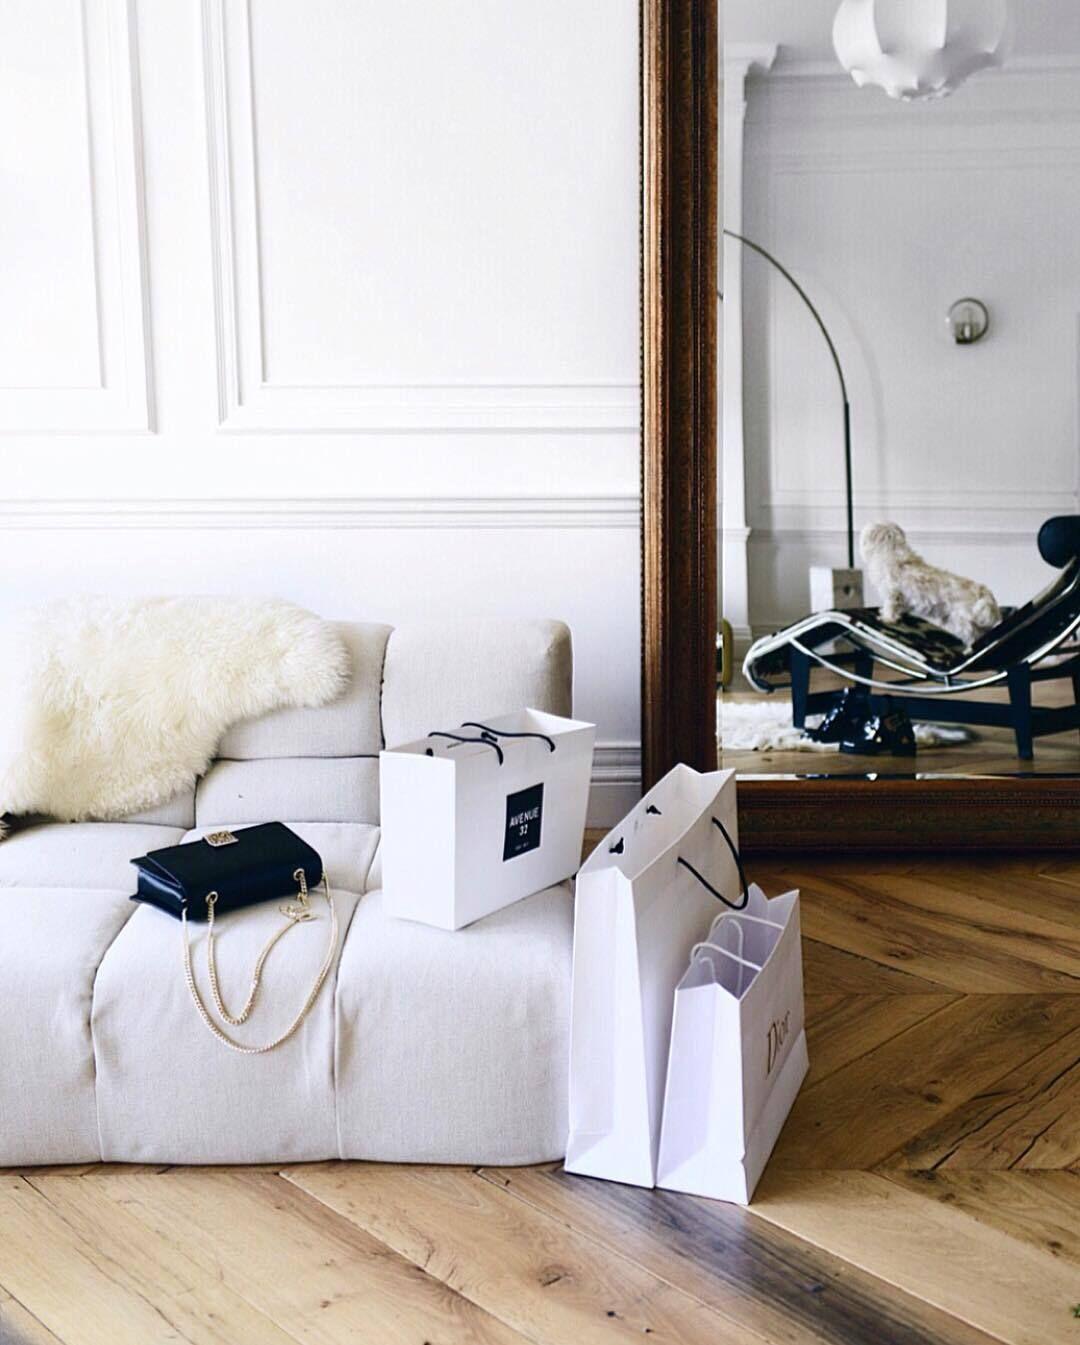 Home design exterieur und interieur sabon home  intérieur et extérieur  pinterest  interiors